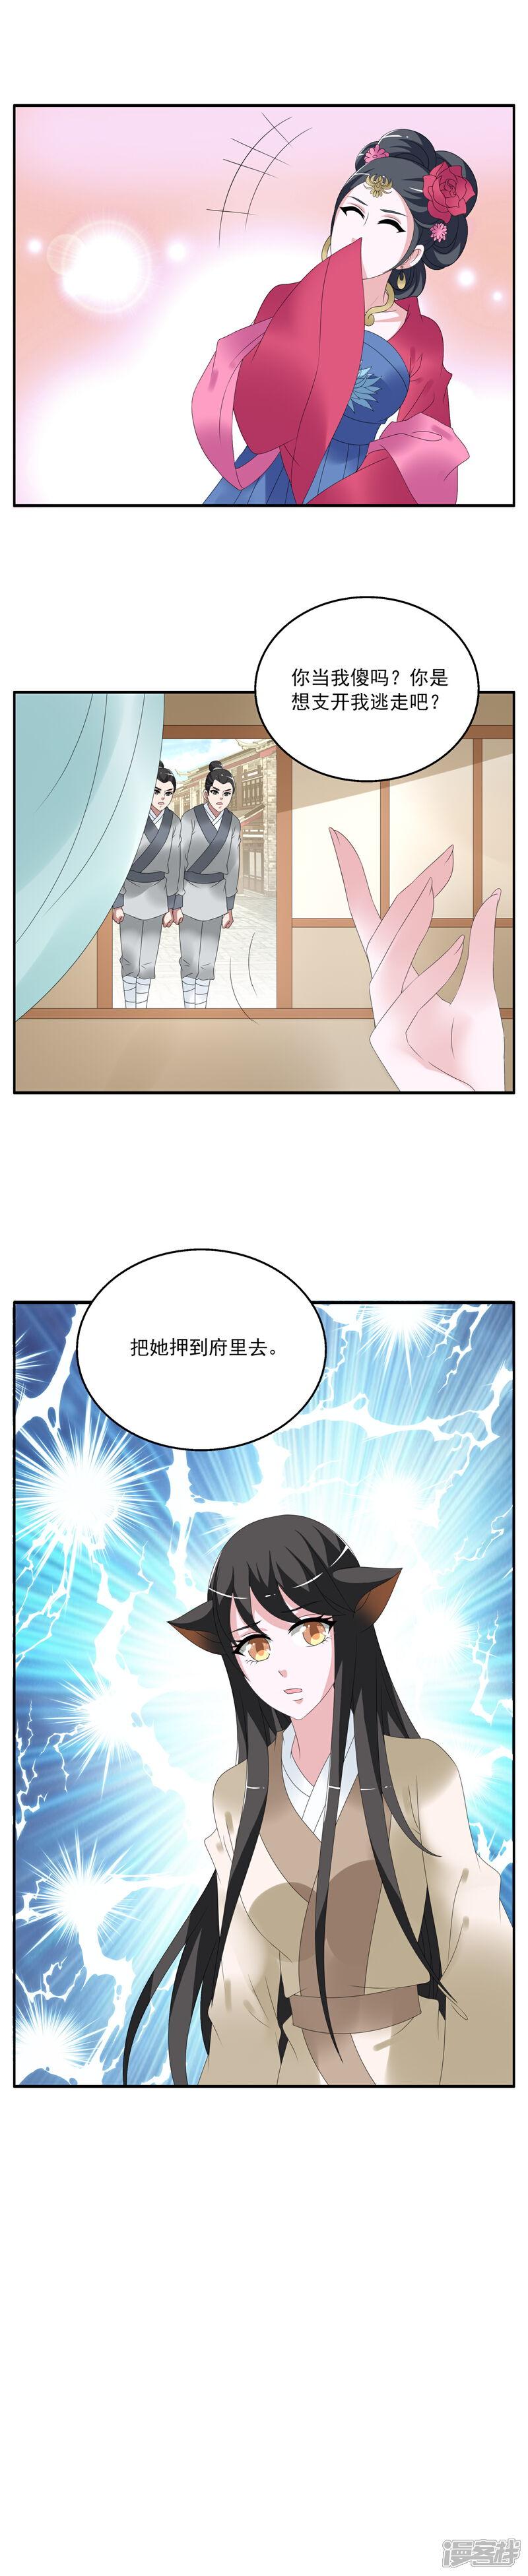 洛小妖154 (8).JPG